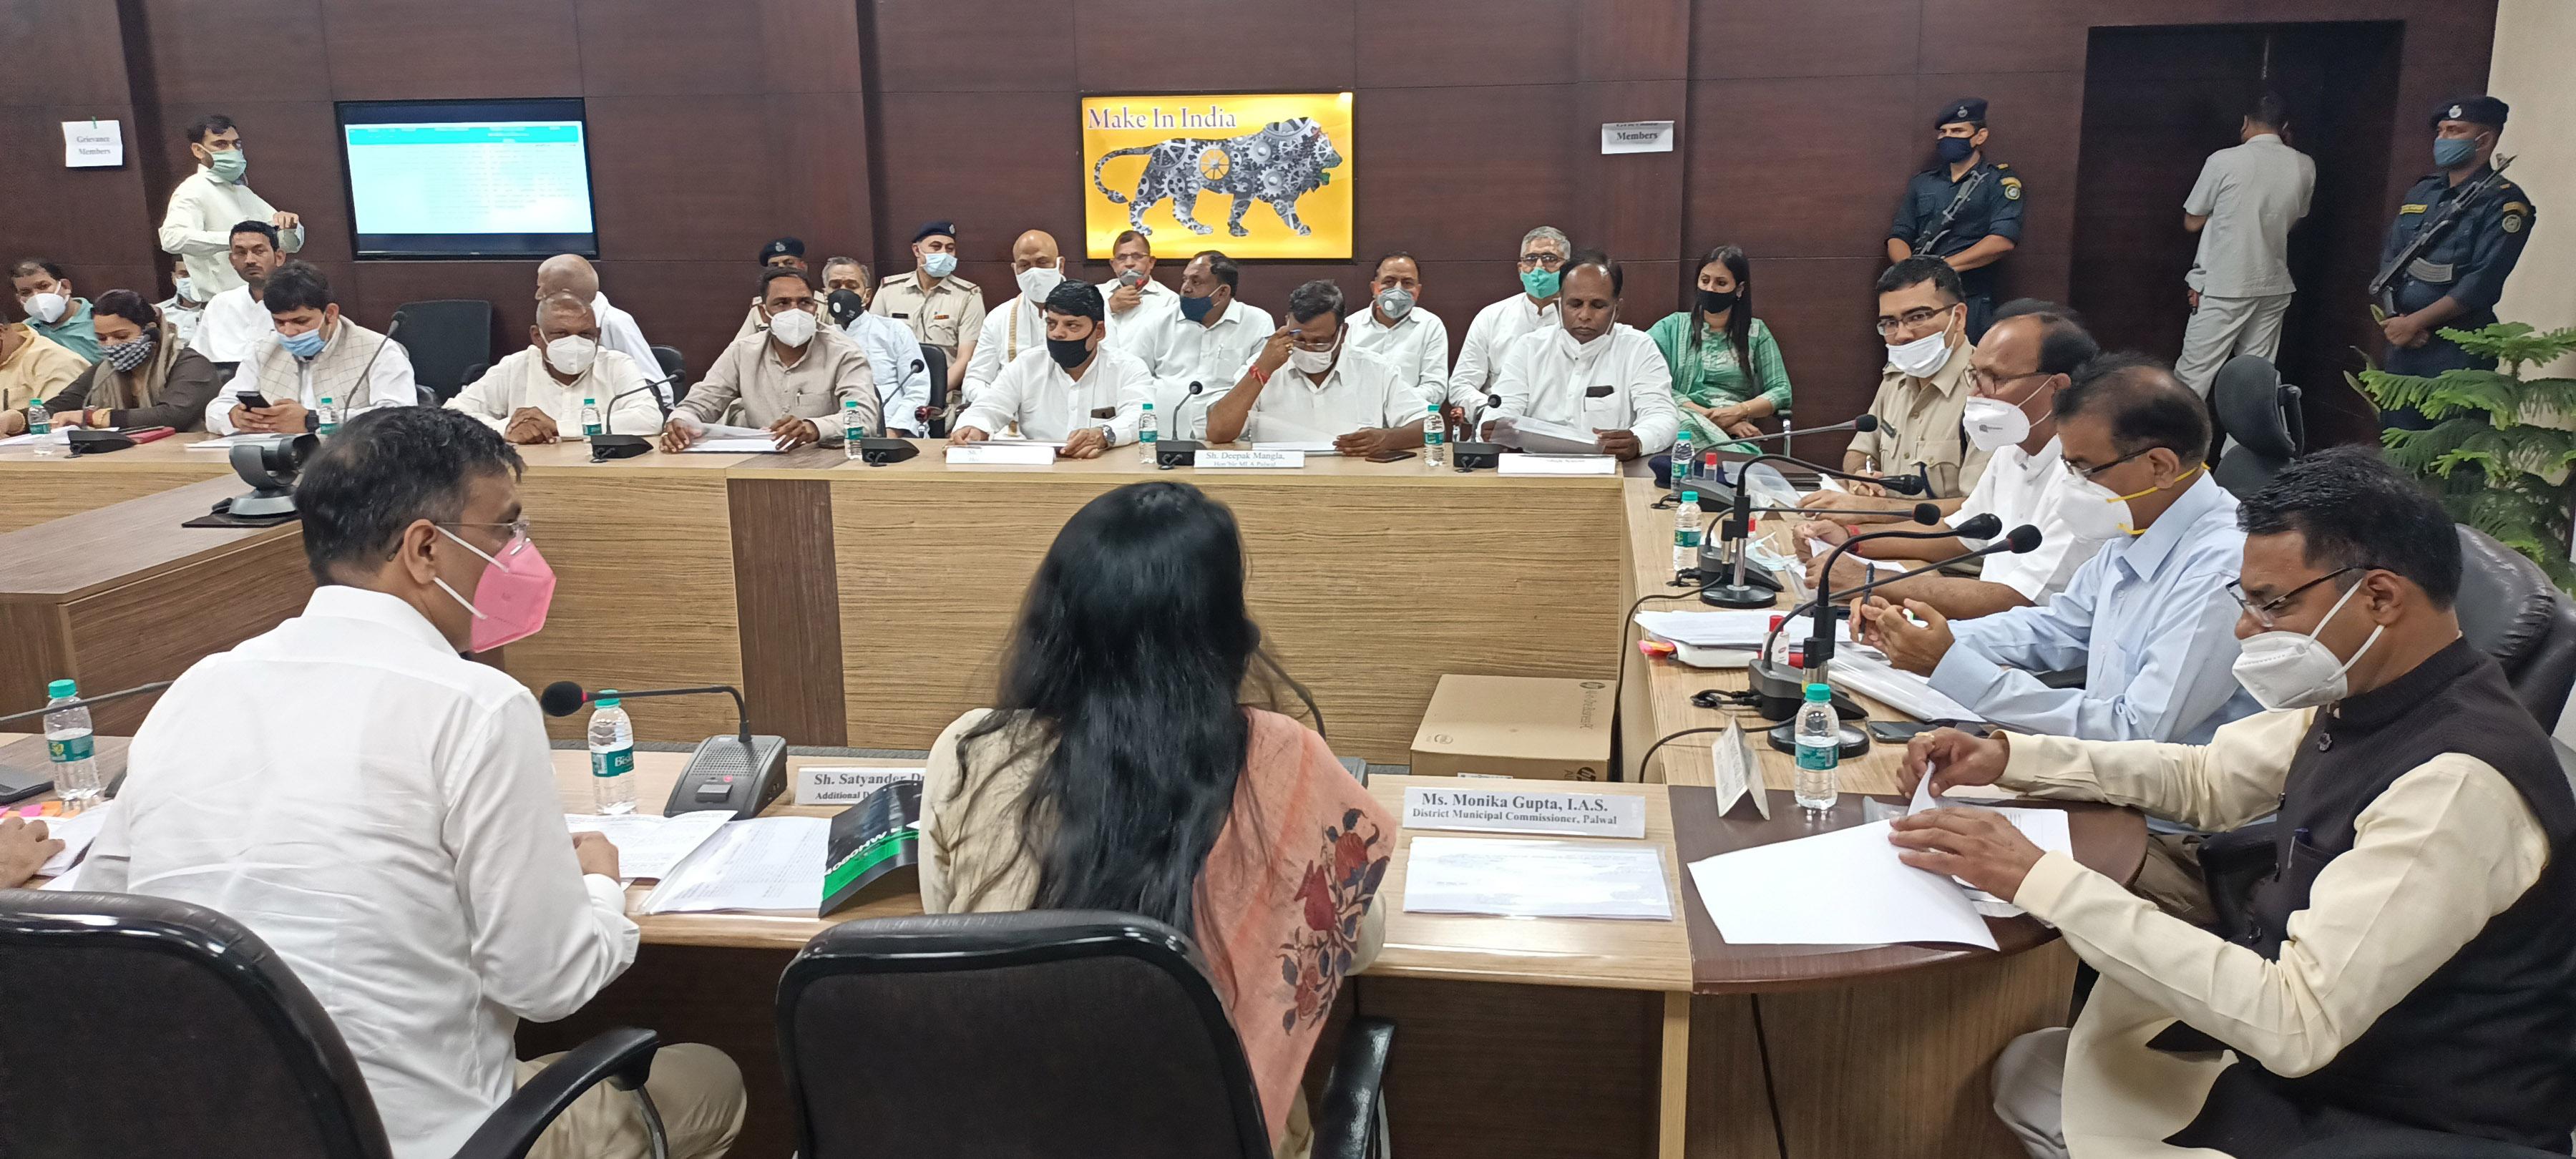 पलवल। सहकारिता मंत्री डॉ. बनवारी लाल ने शुक्रवार को लोगों की समस्याएं सुनीं। - Dainik Bhaskar